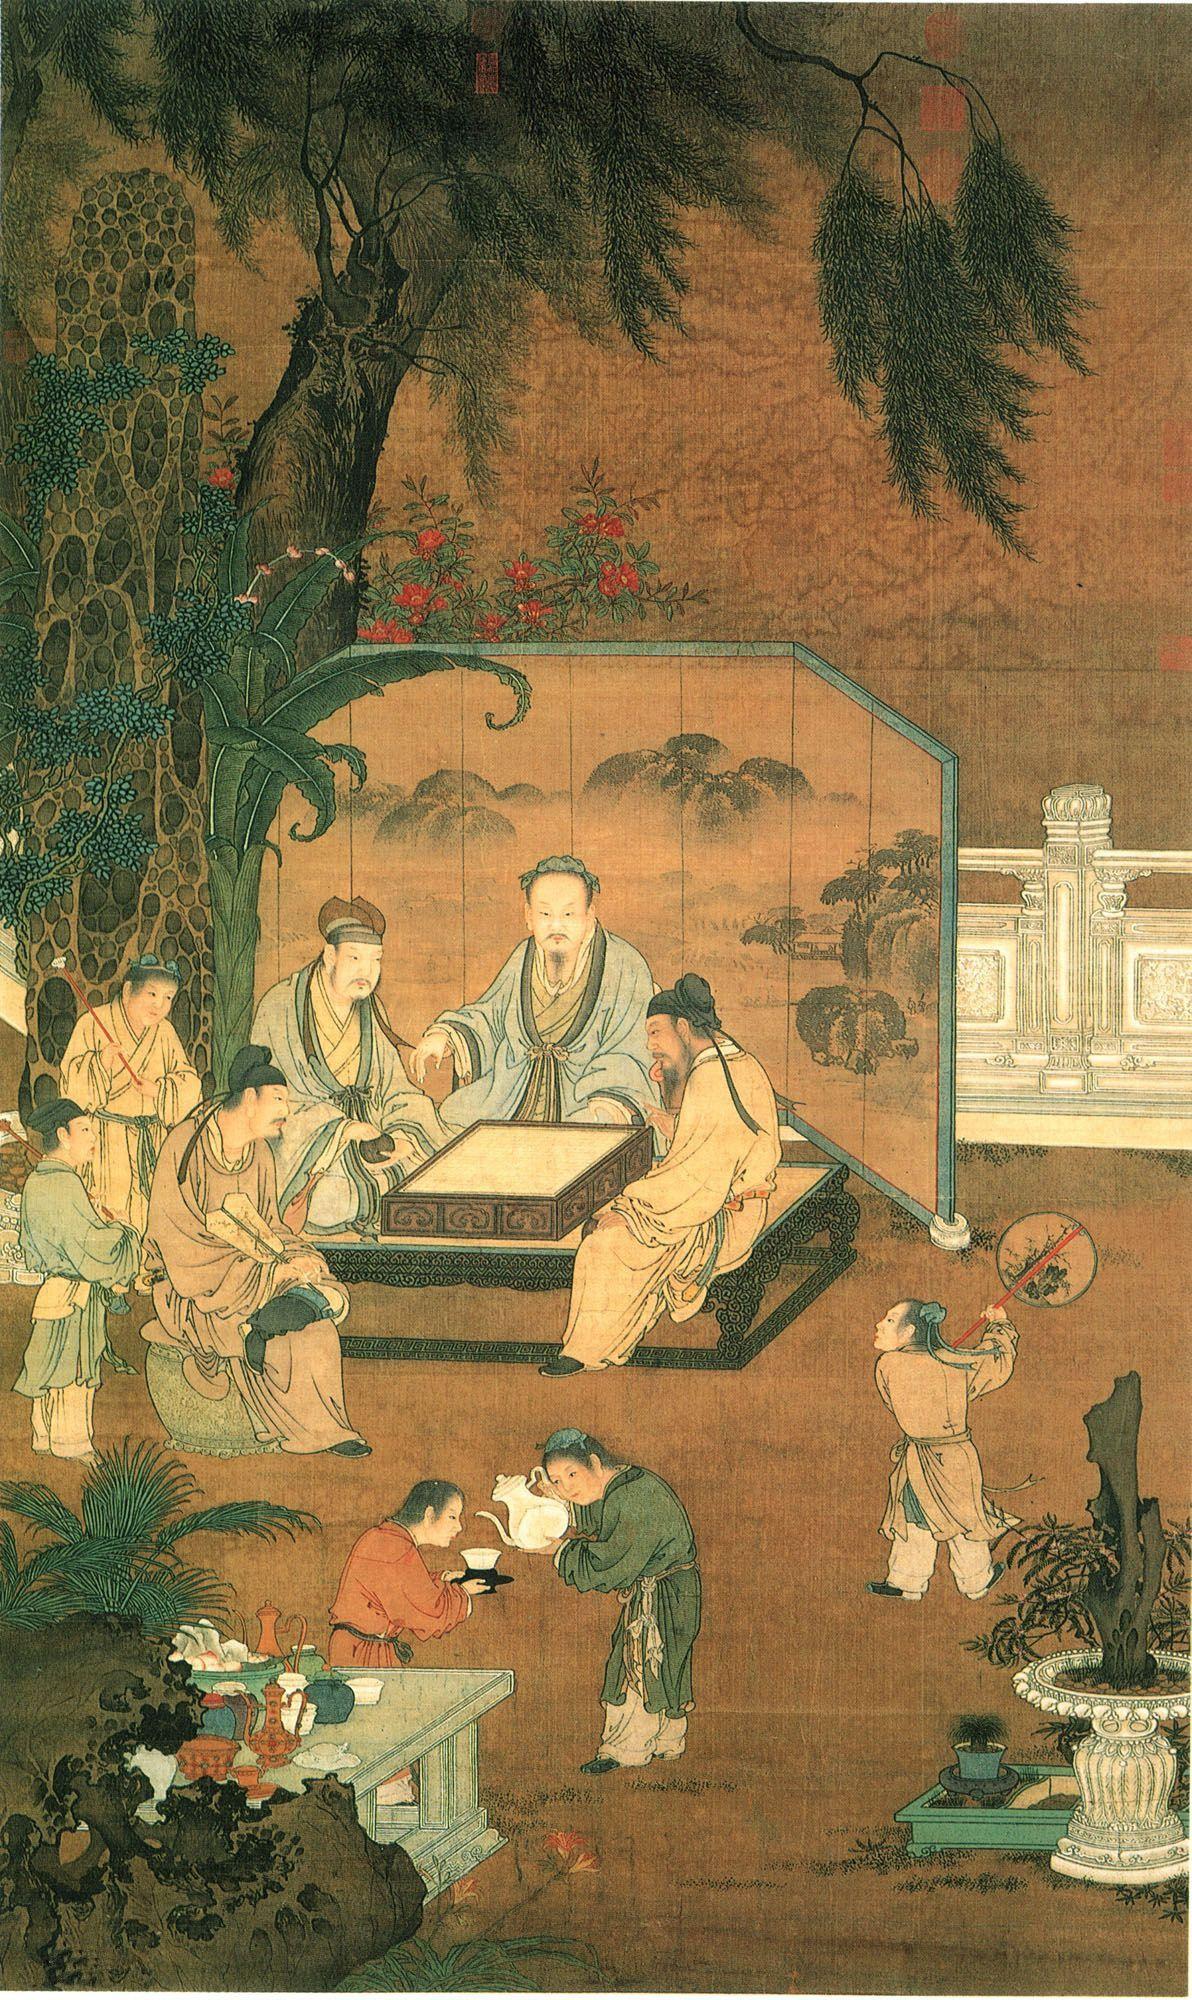 宋人十八學士圖二 • 臺北故宮博物院藏